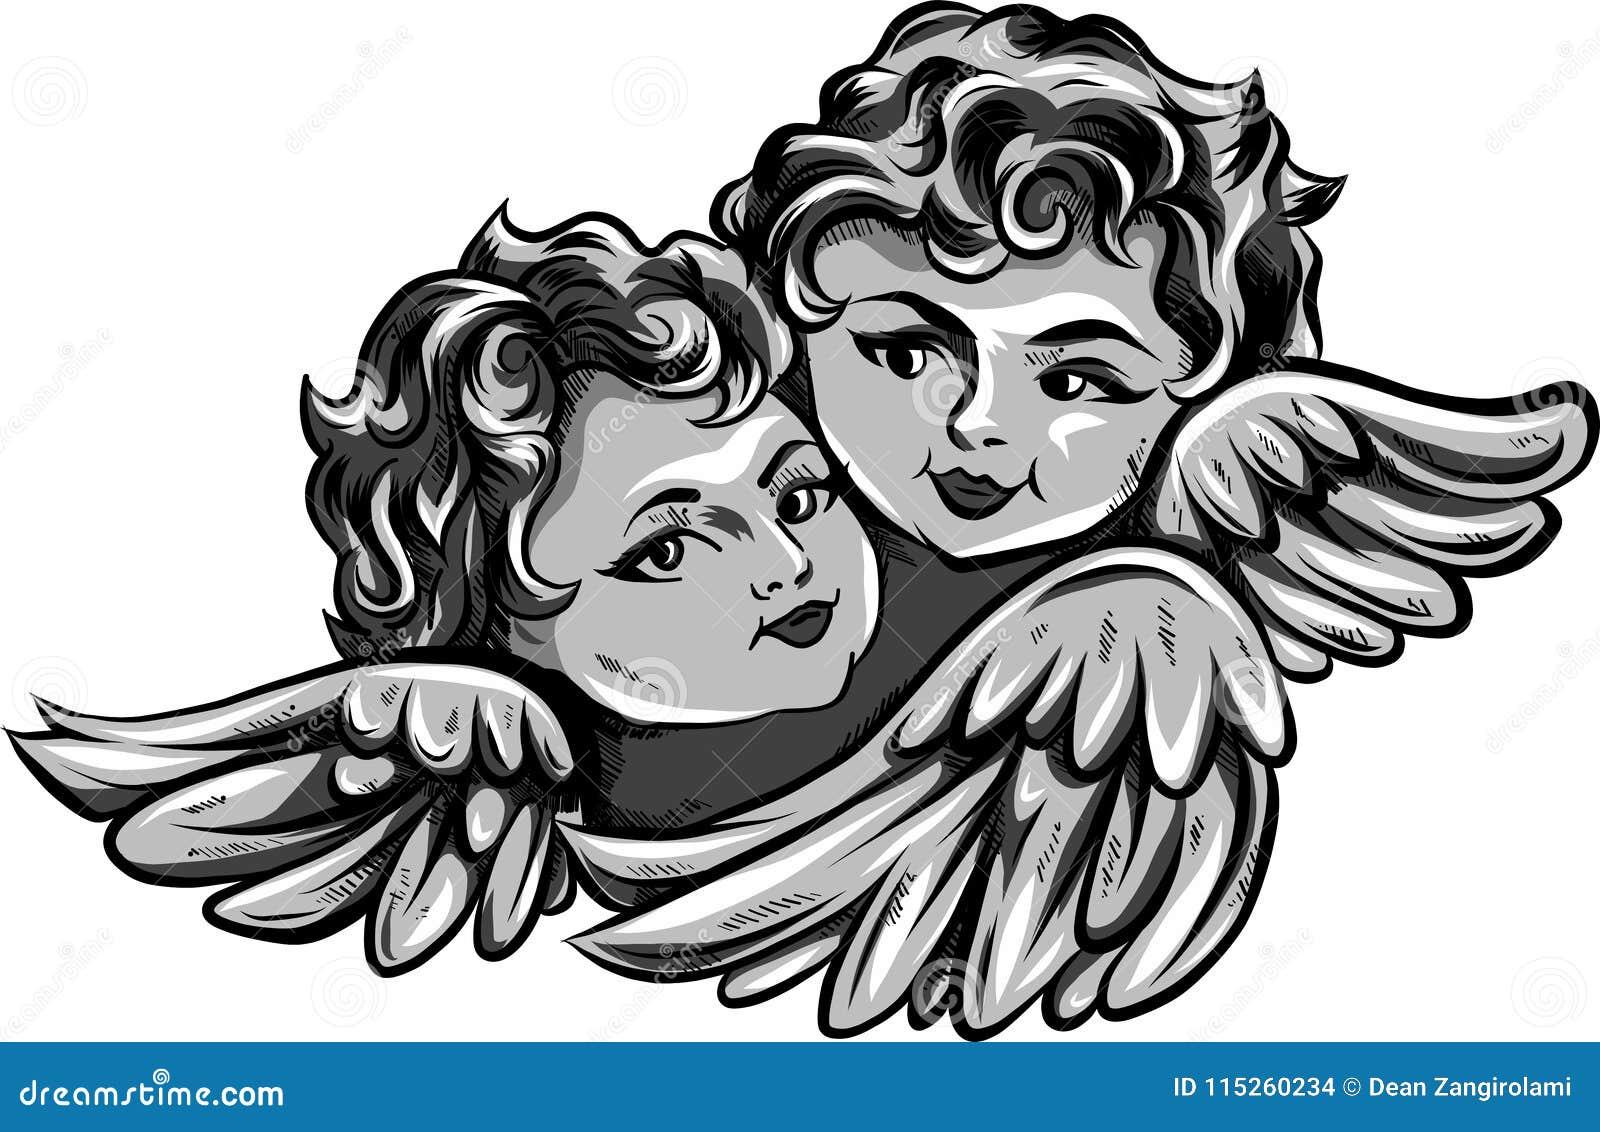 Ангел-хранители